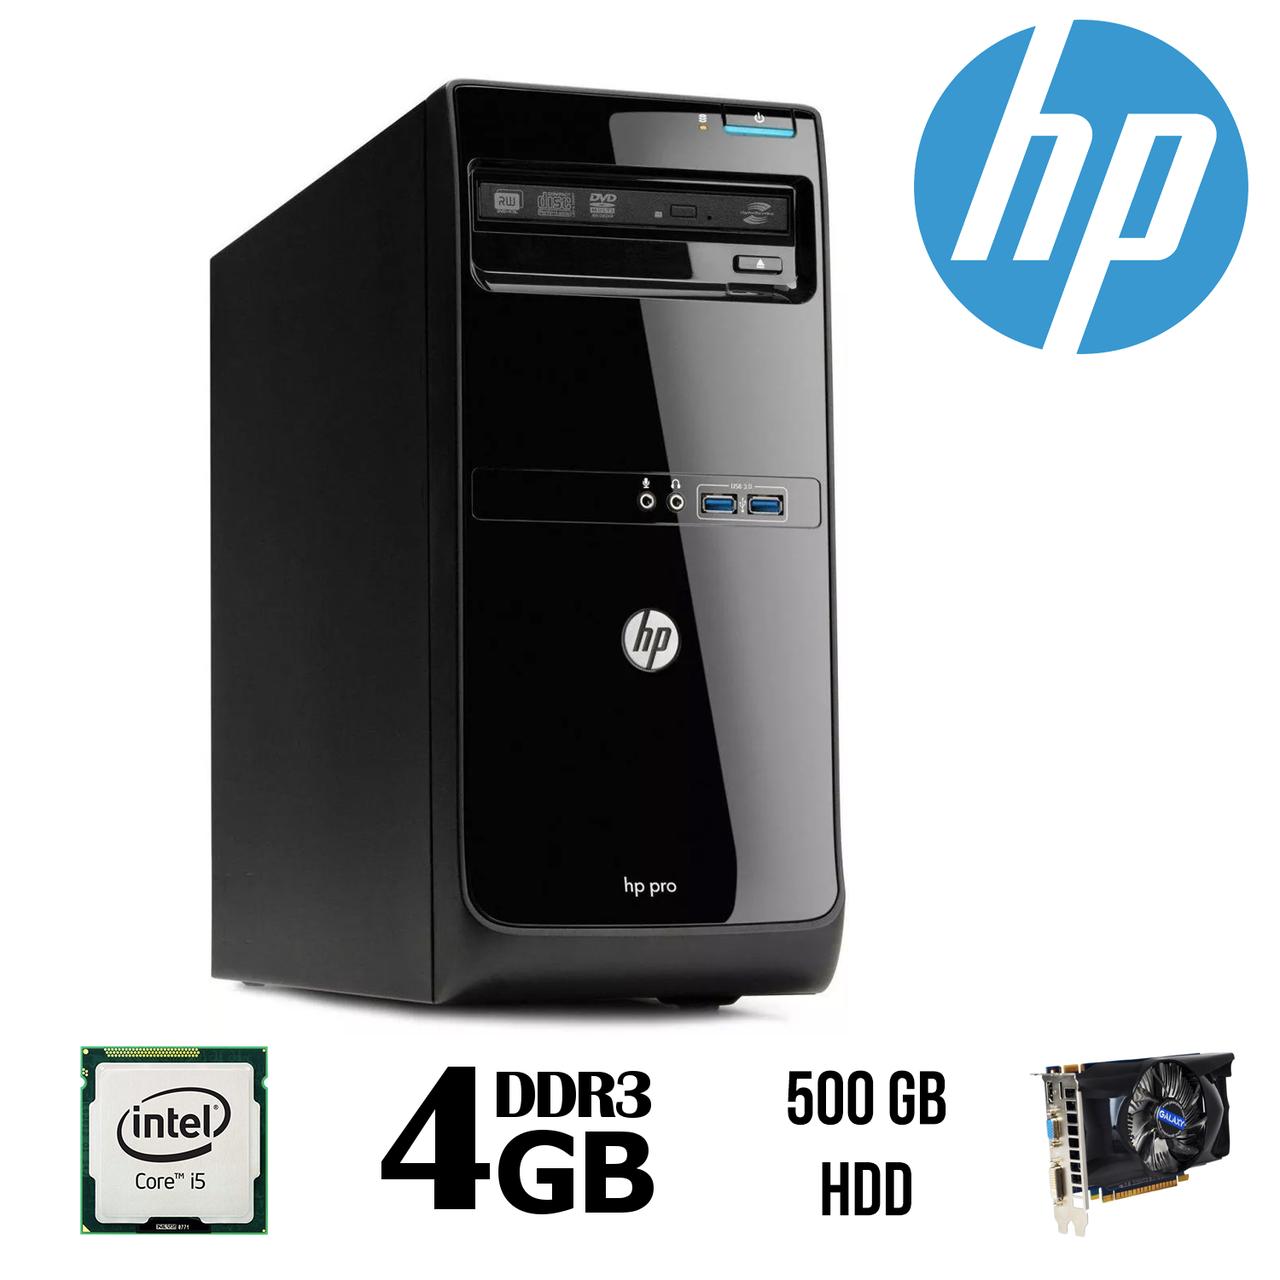 HP Pro 3500 MT / Intel® Core™ i5-3470 (4 (4) ядра по 3.2 - 3.6 GHz)/ 4 GB DDR 3 / 500 GB HDD / GeForce GTX550 Ti 1 GB DDR5 192 bit